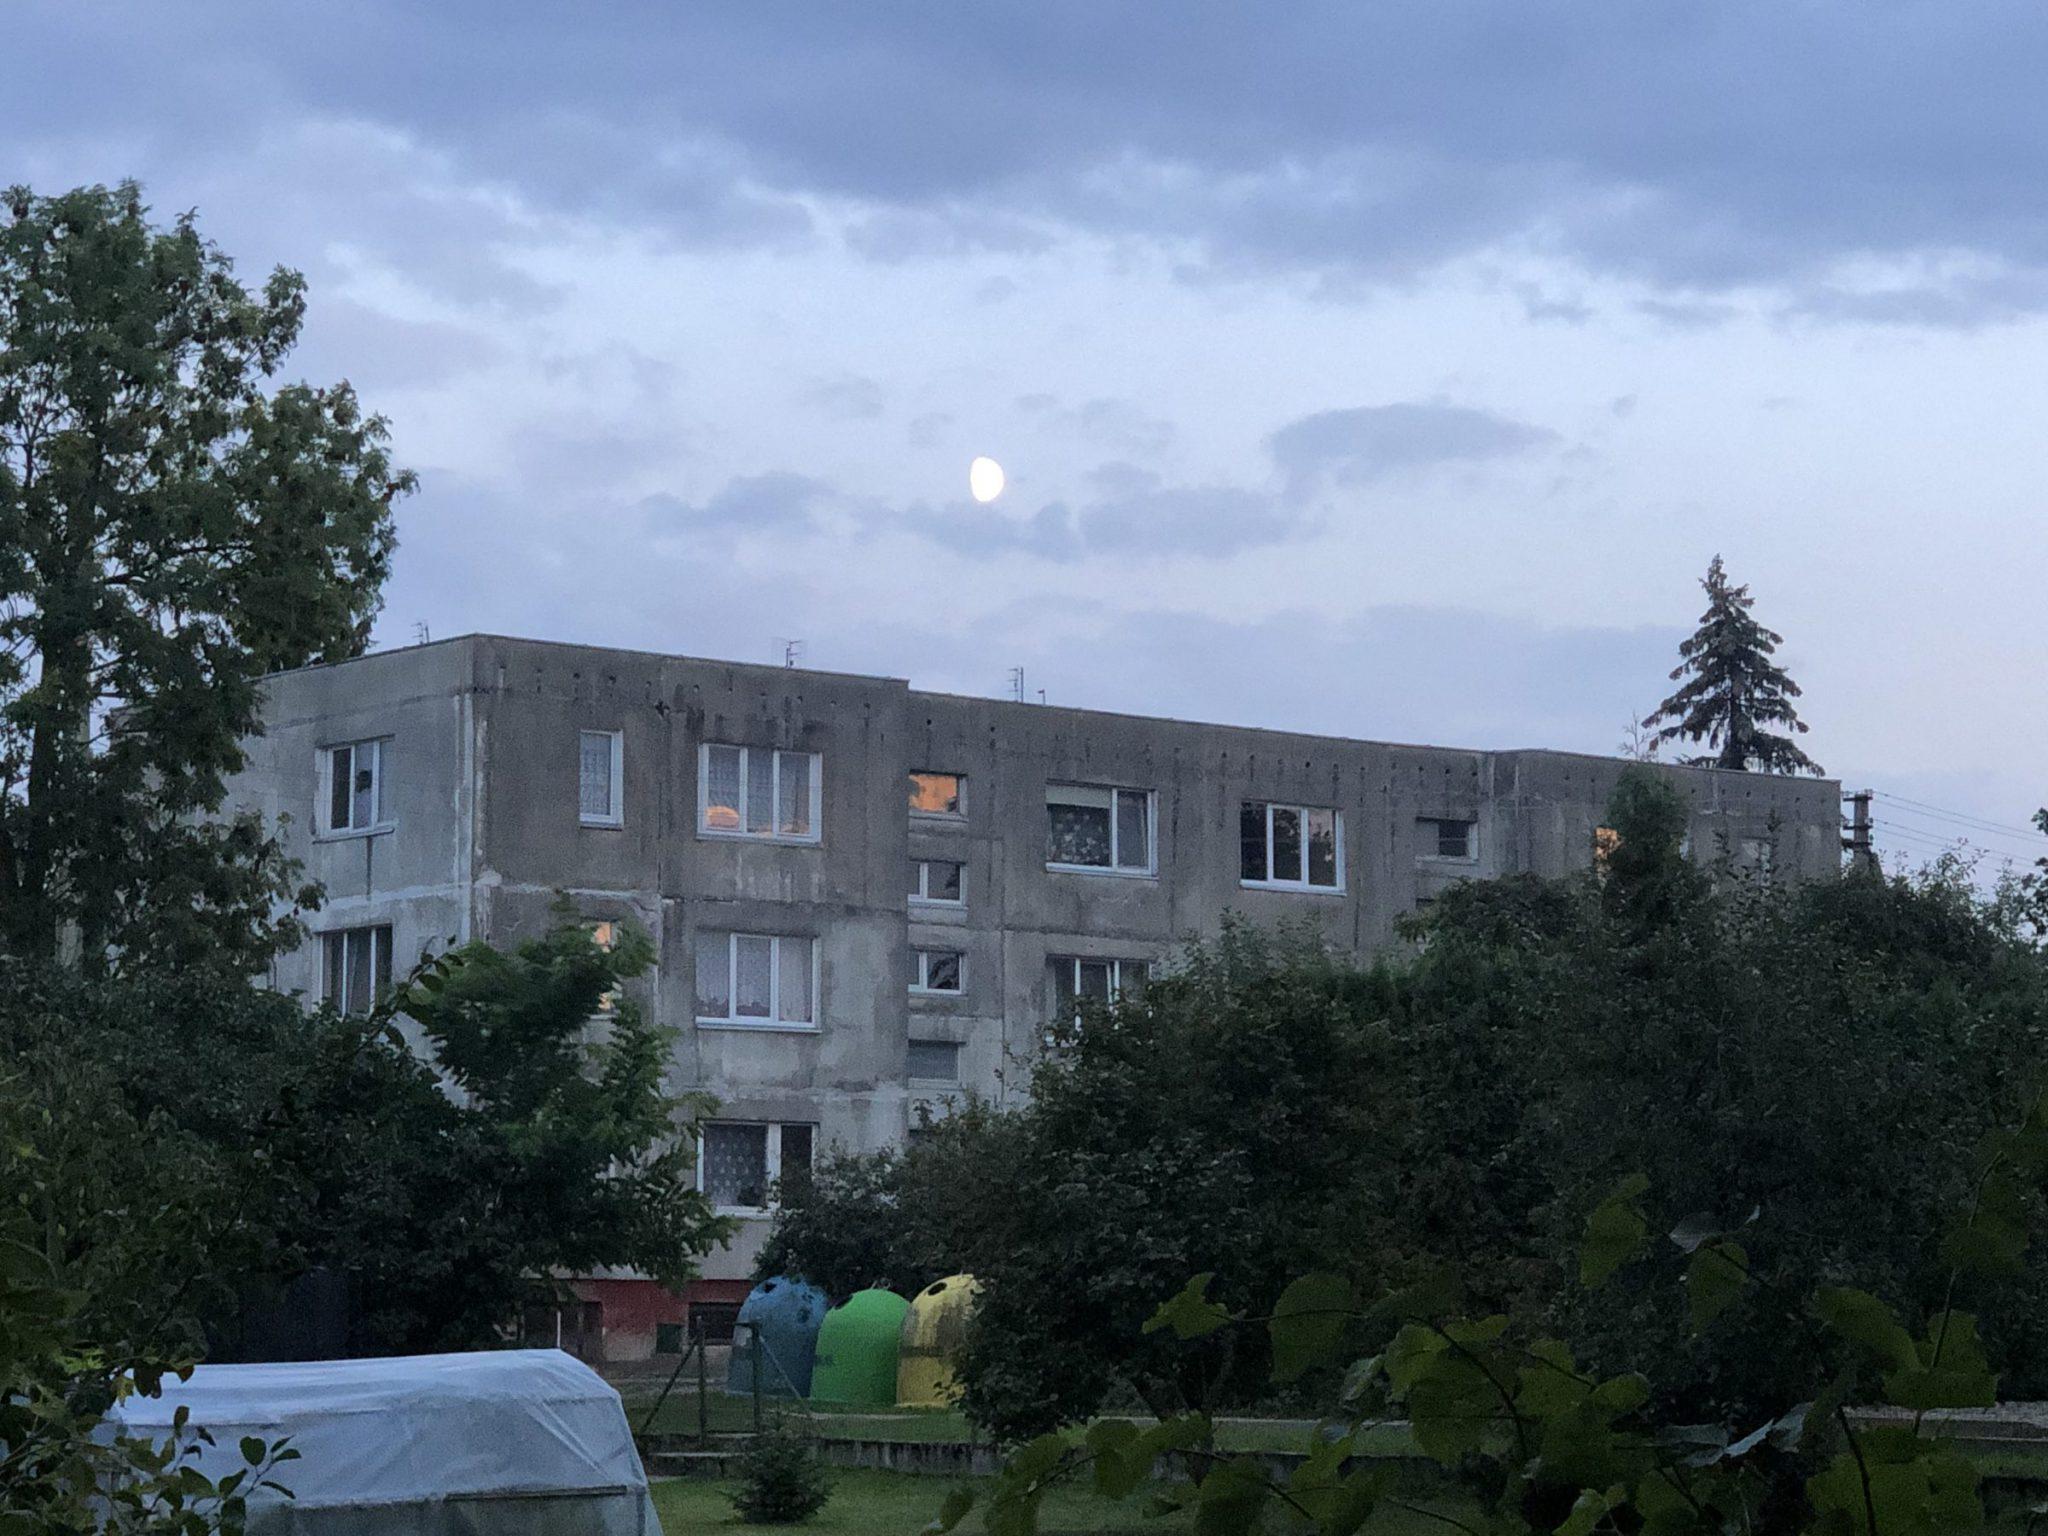 Sovjetische Plattenbauten im litauischen Ort Schirwindt an der russischen Grenze